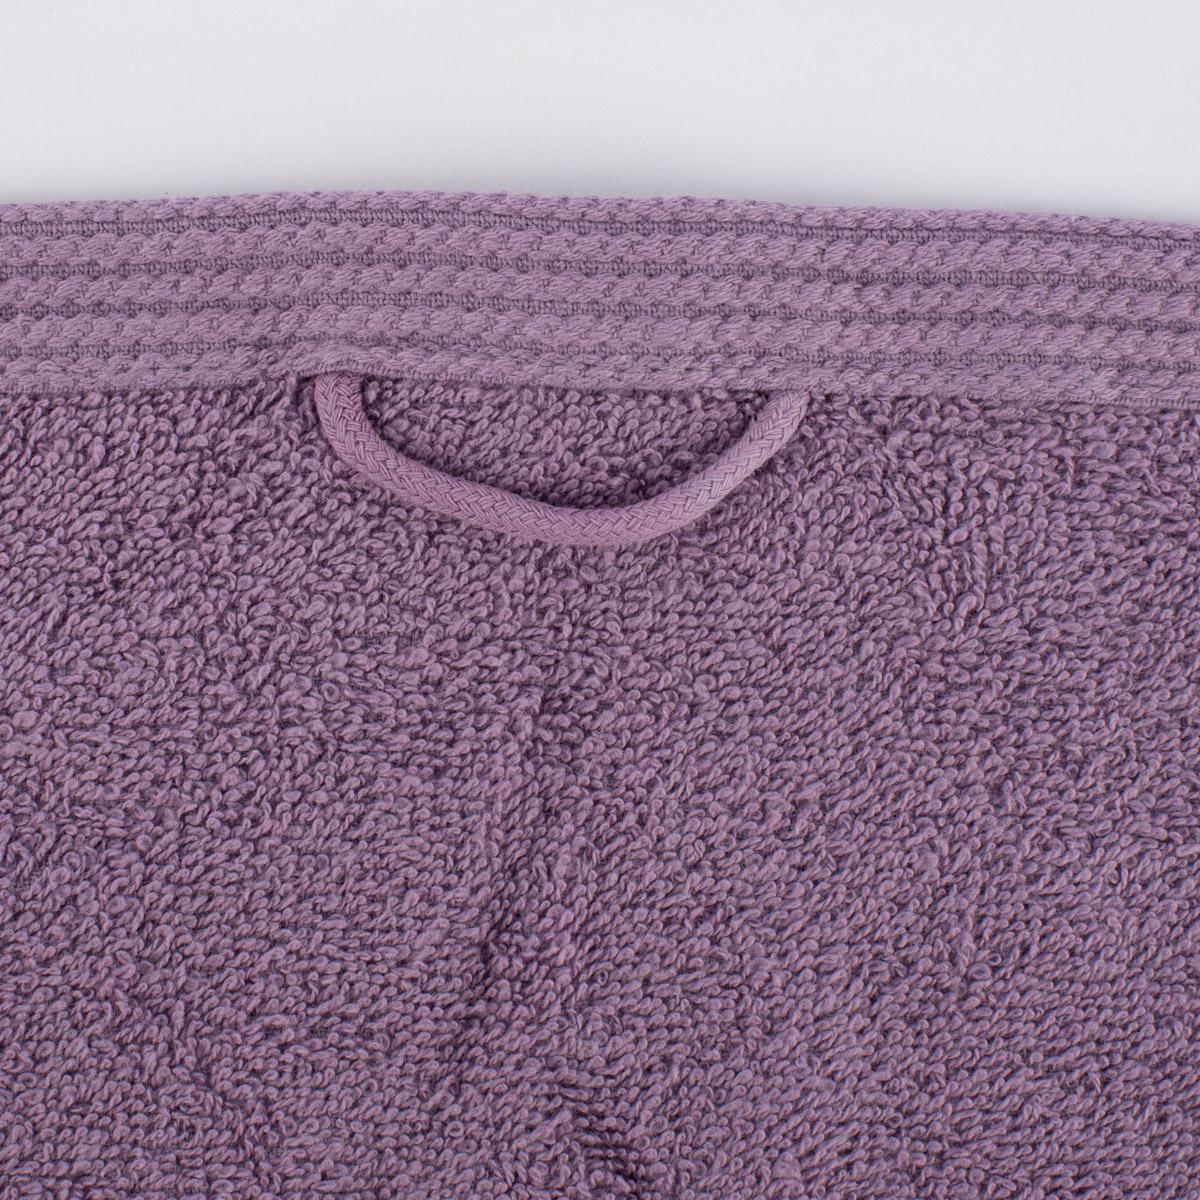 Premium-Frottee Handtuch 100% Baumwolle 580g/qm lavendelfarbig